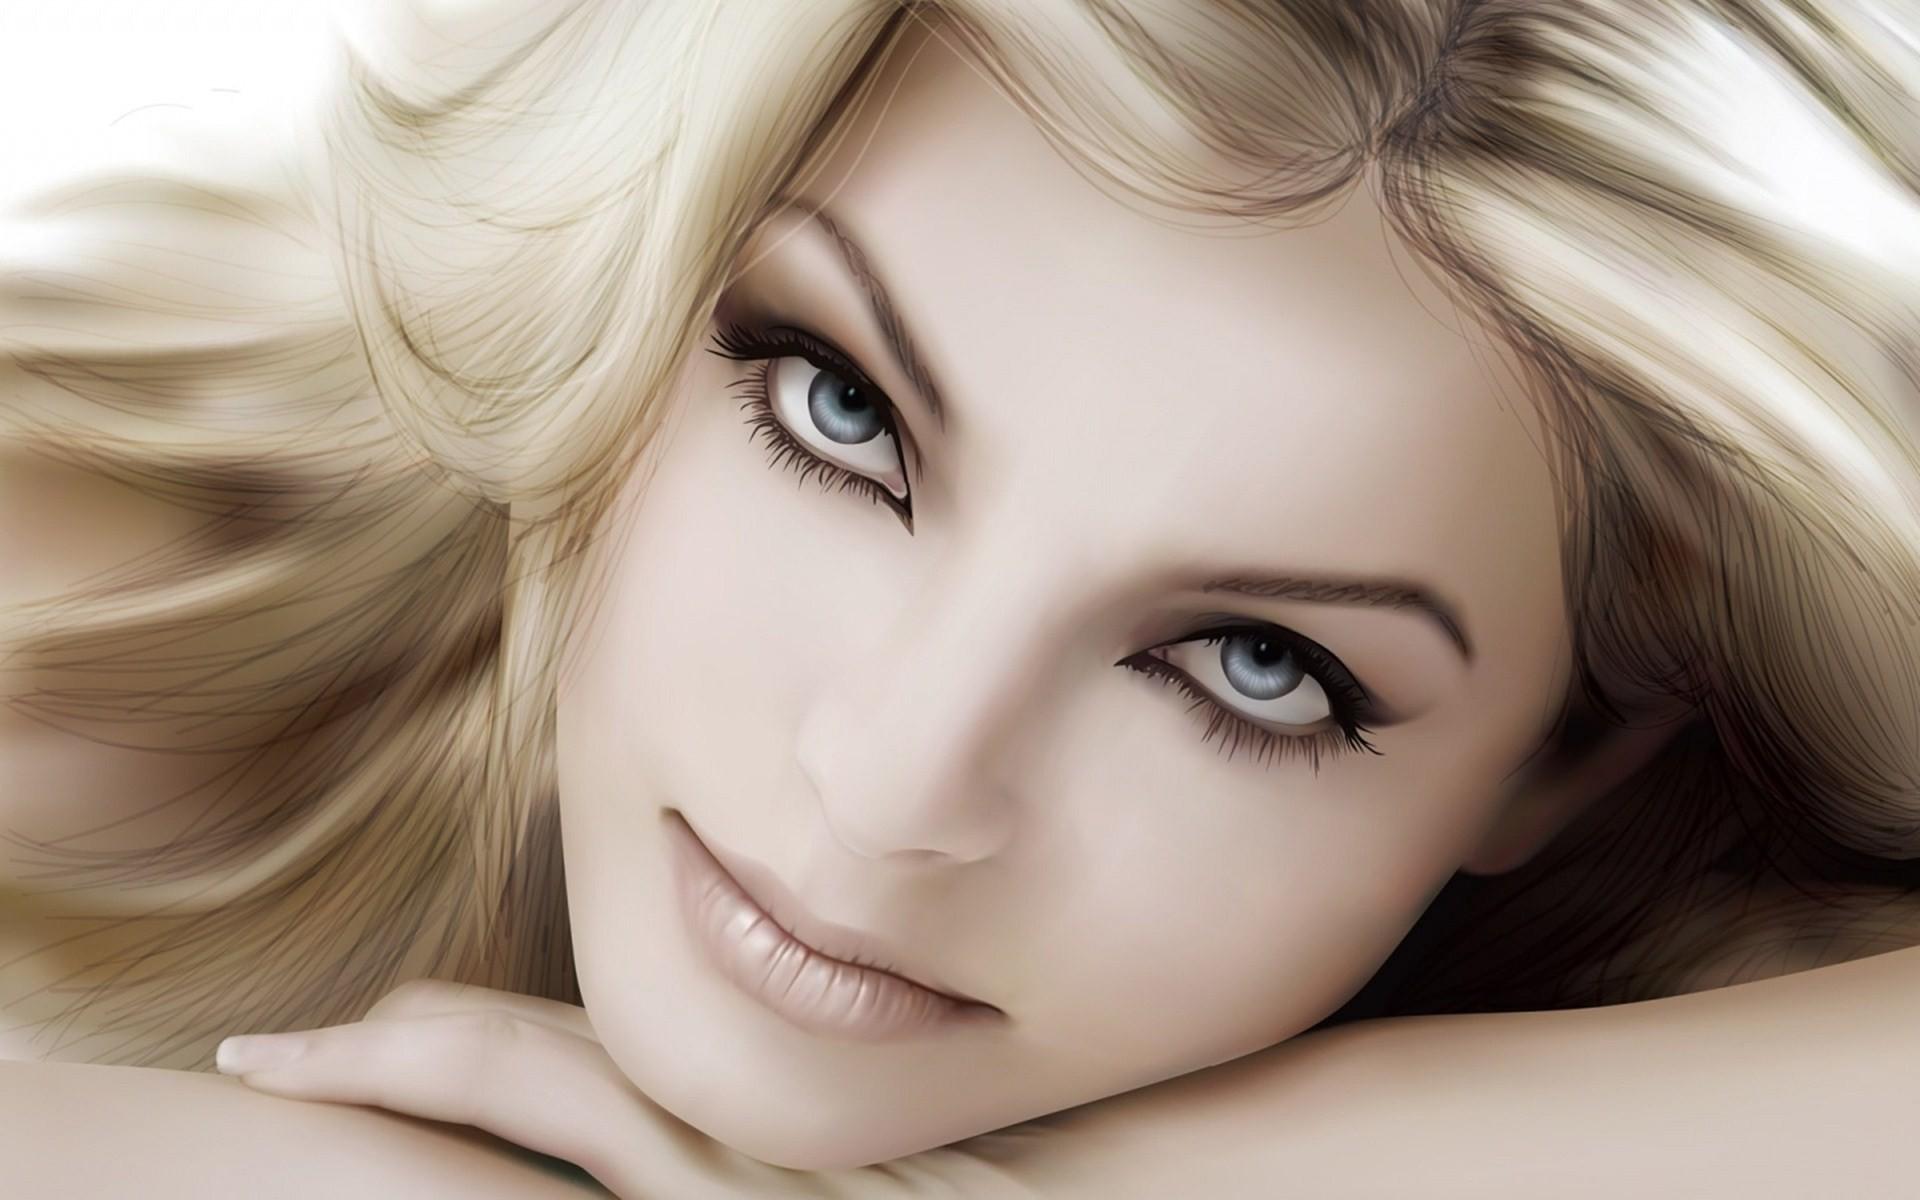 Most Beautiful Face Photos